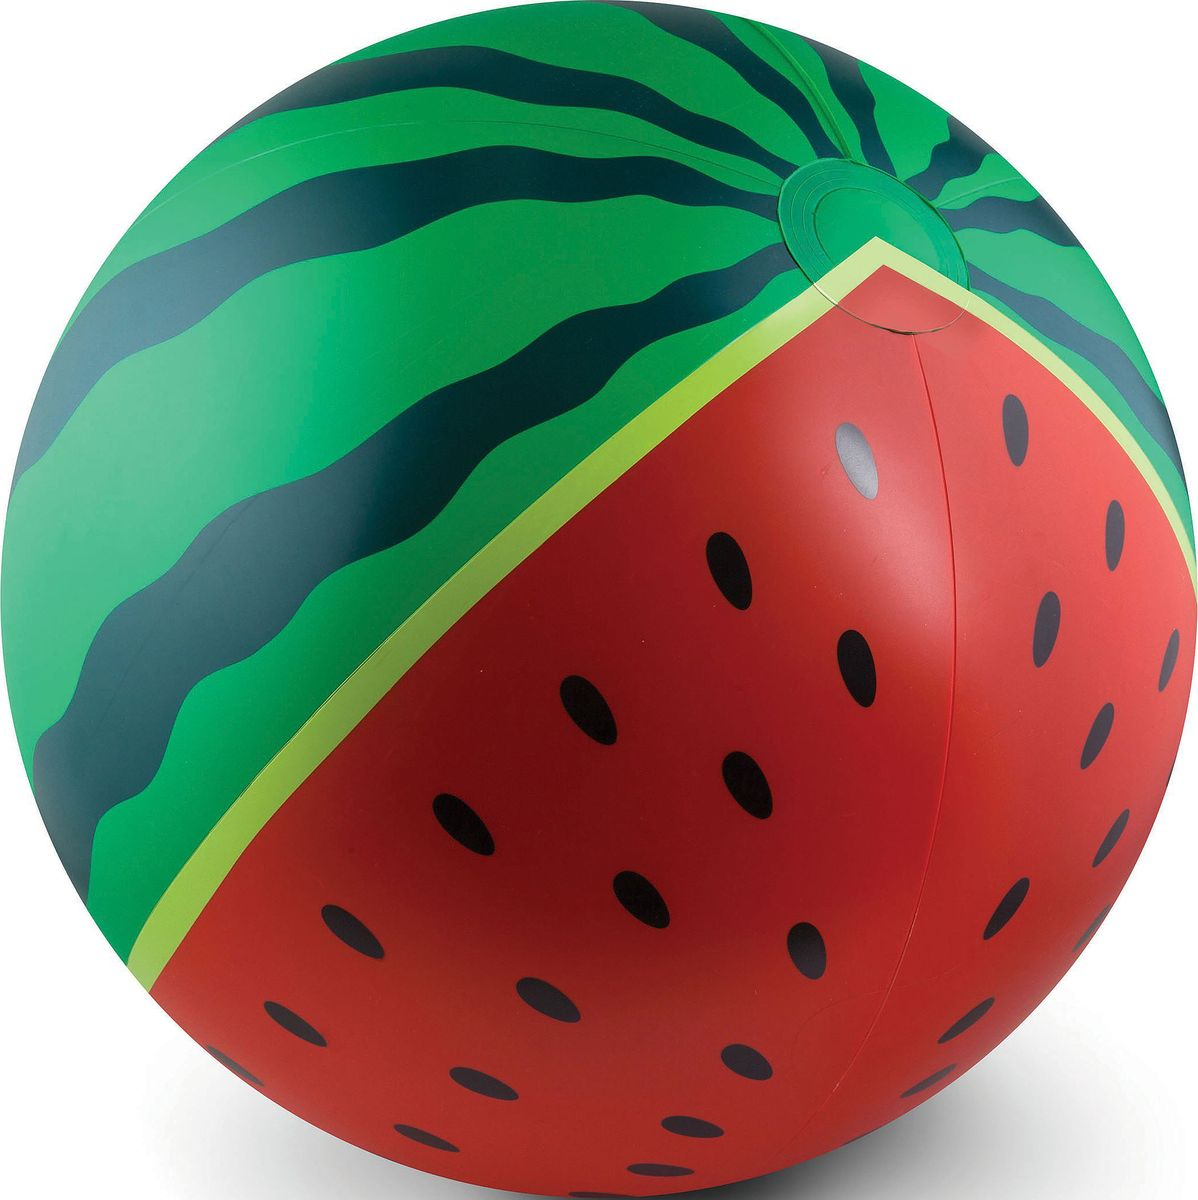 Мяч надувной BigMouth Watermelon, 46 смBMPFRPС надувными мячами Big Mouth вы сможете снова окунуться в атмосферу беззаботного детства. Это яркие и незаурядные изделия для детей и взрослых, которые станут достойным украшением любой пляжной вечеринки. Порадуйте себя, своих родных и друзей, устроив веселые игры на свежем воздухе: у бассейна, речки, на пруду или на берегу моря. Это прекрасная возможность разнообразить летний отдых, активно провести время и подарить своим близким незабываемые эмоции. Изделия выполнены из особо прочного винила, за счет чего обладают повышенной прочностью и износостойкостью. Благодаря улучшенной технике печати они отлично переносят длительное воздействие ультрафиолета, не теряя яркость цветов. При производстве компания уделяет пристальное внимание качеству и безопасности плавательных аксессуаров, поэтому каждый продукт проходит тщательные проверки и испытания на прочность.